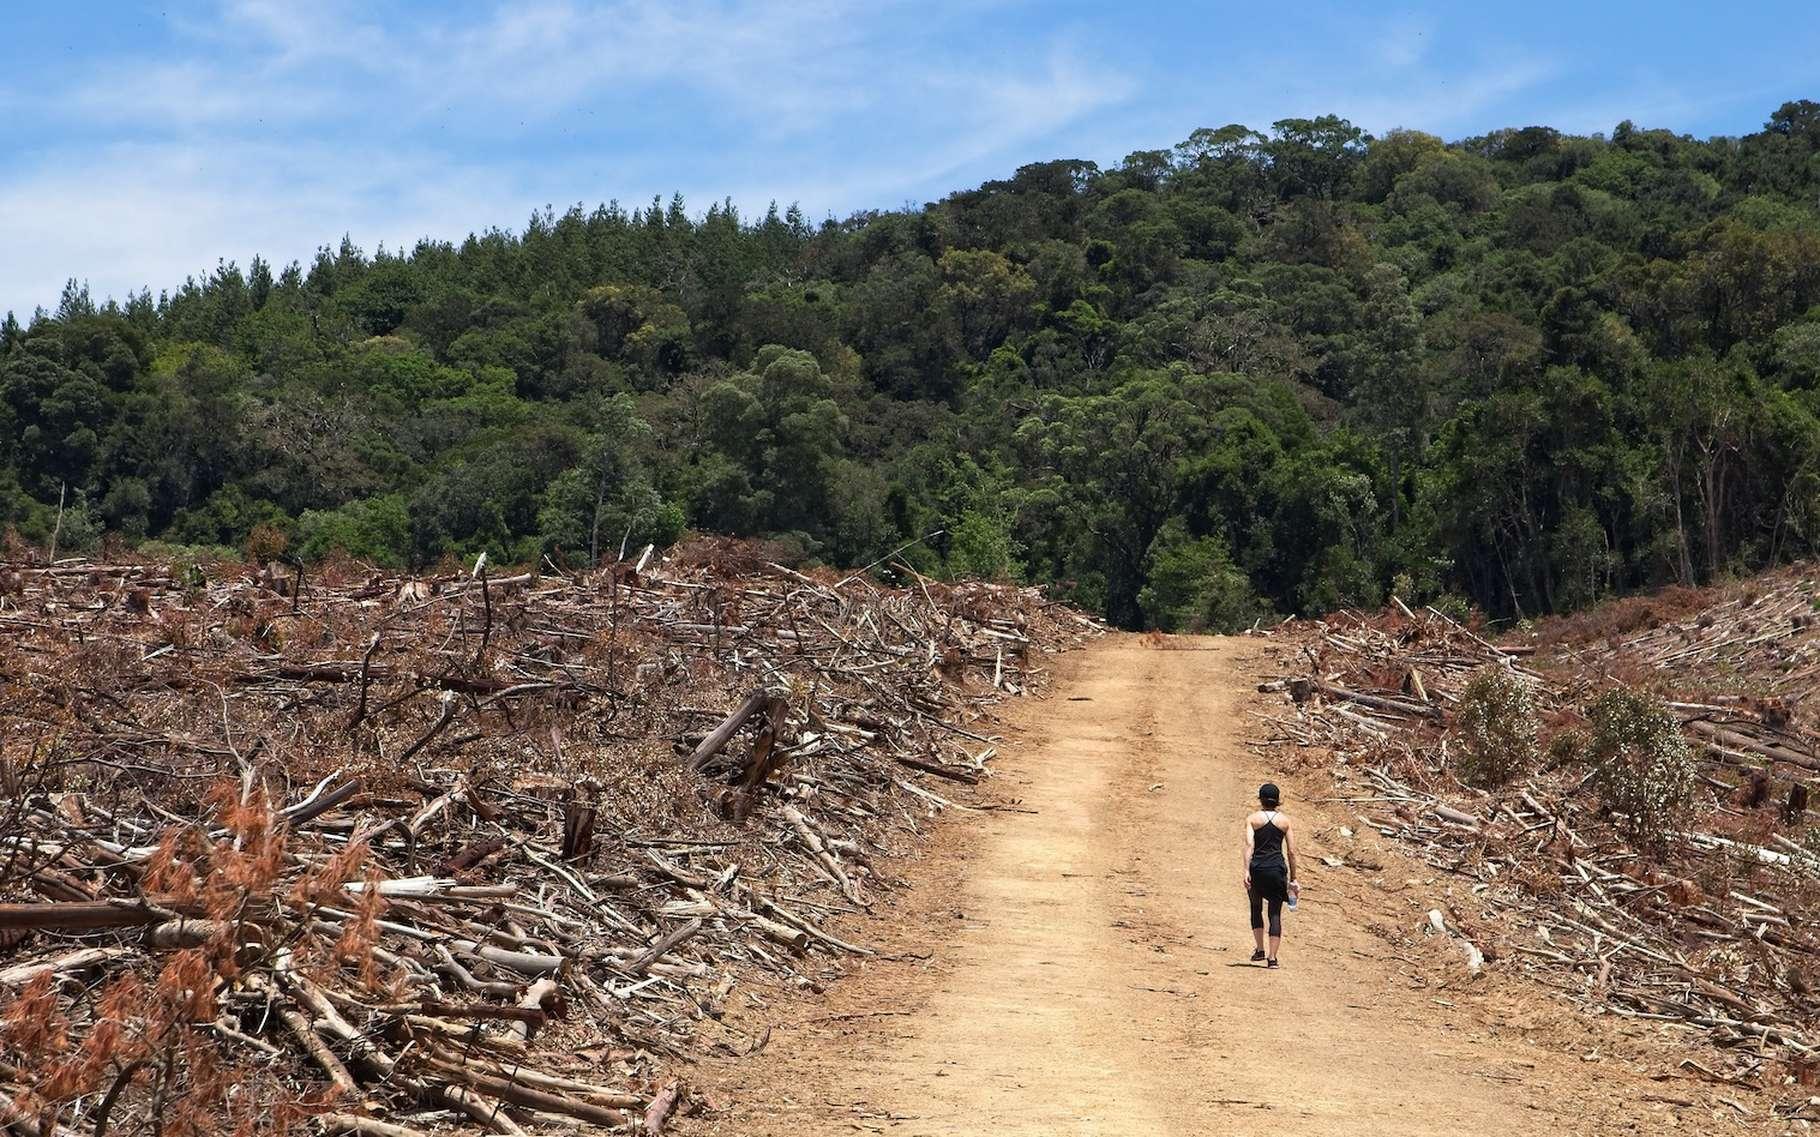 La dégradation des écosystèmes — par la déforestation, par exemple — pourrait augmenter le risque et l'impact des pandémies. © Matthew, Adobe Stock